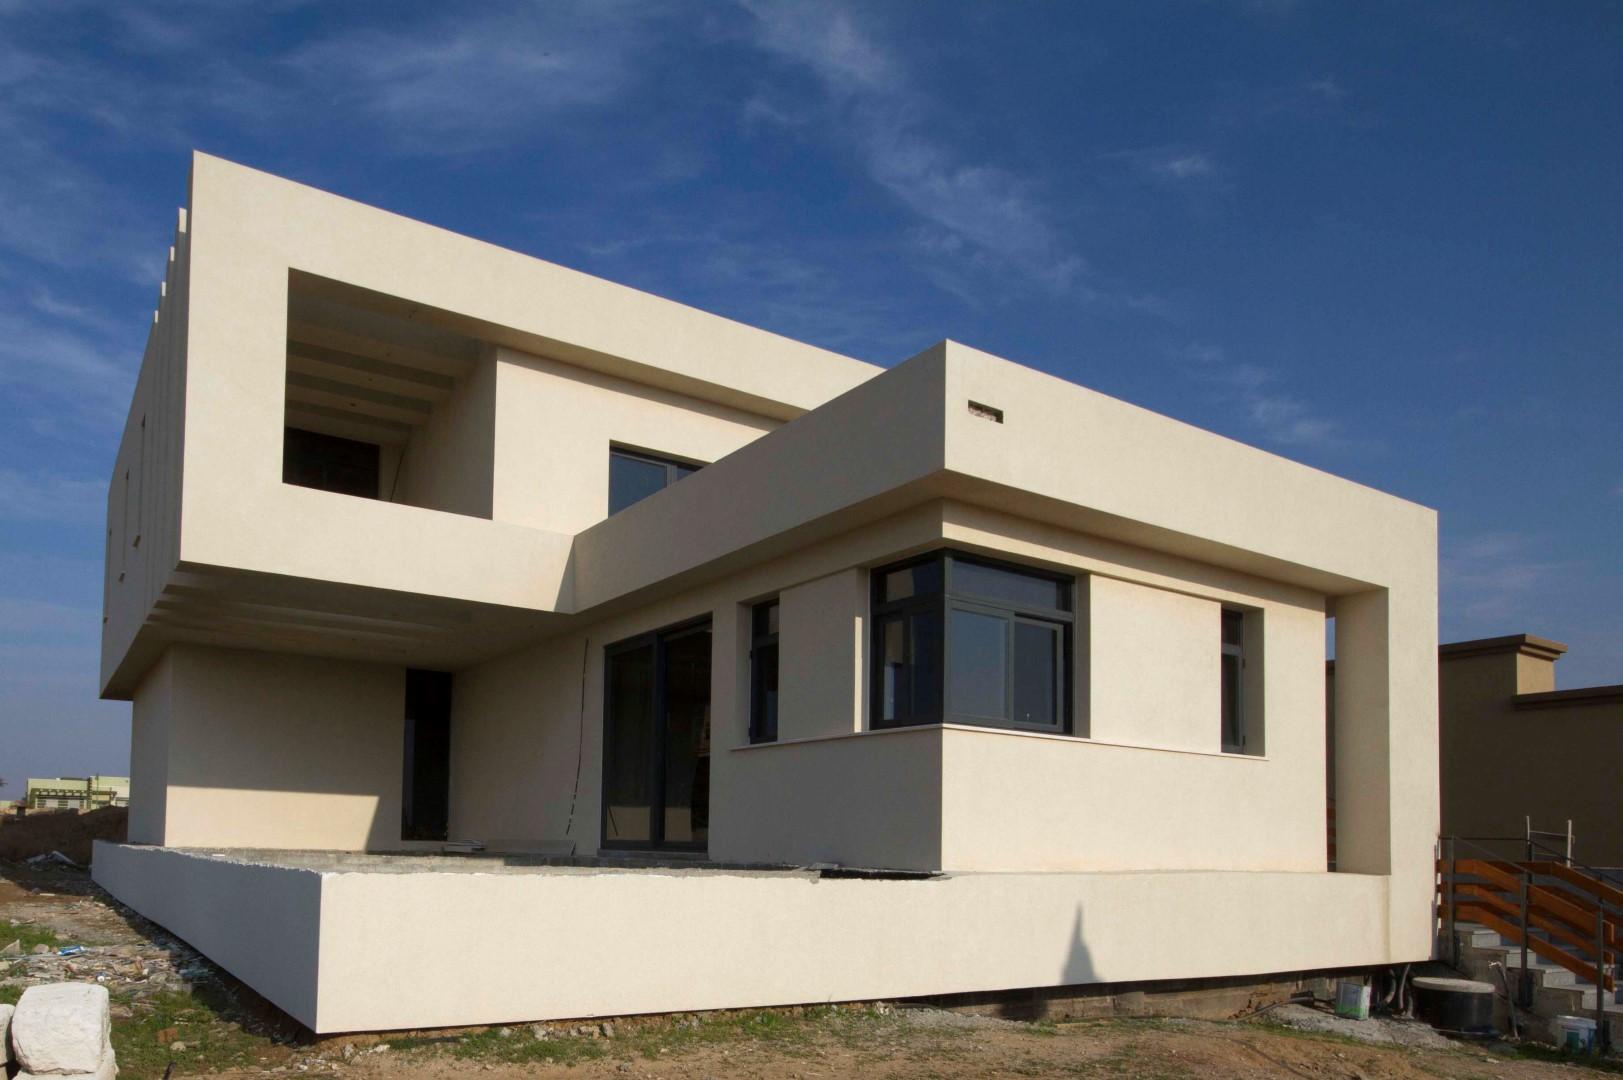 """תכנון אדריכלי לבית על עקרונות אדריכלות ירוקה - קירות בעובי 50 ס""""מ"""